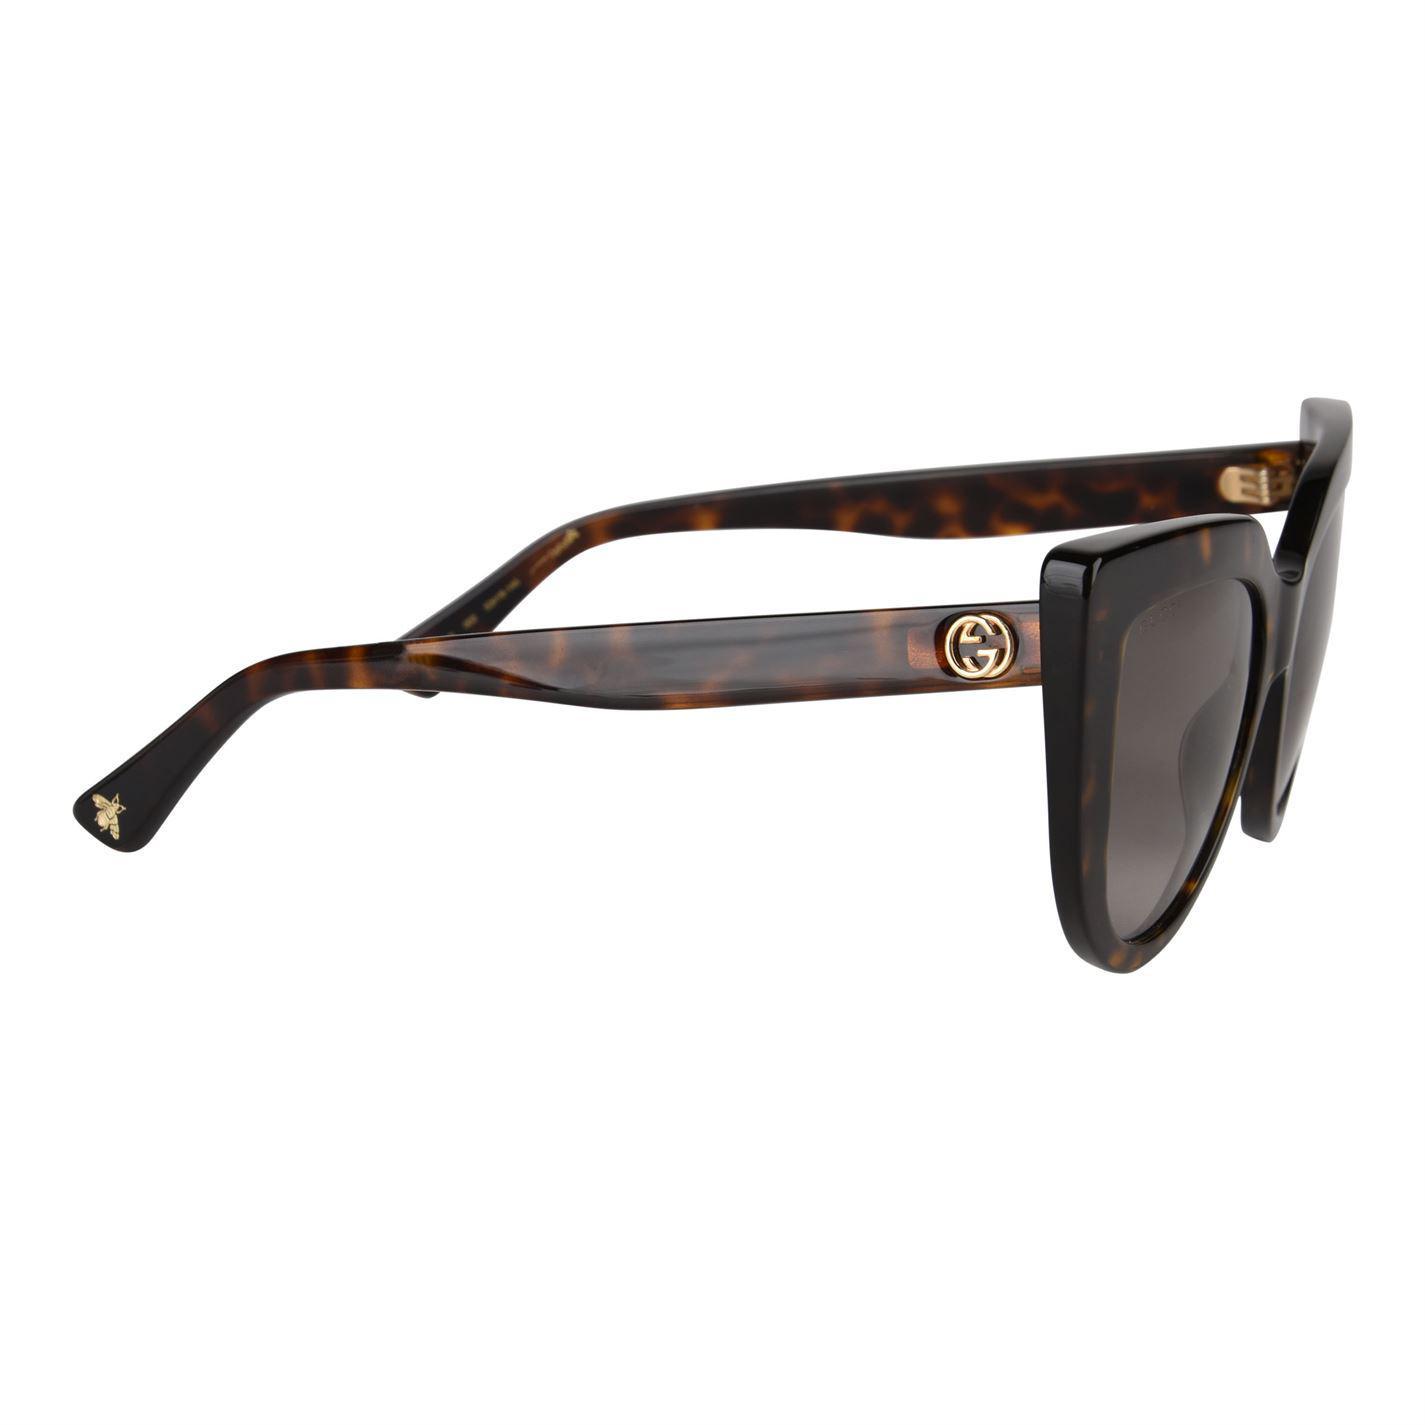 61446fc7f77 Gucci - Multicolor Gg0164s Sunglasses - Lyst. View fullscreen